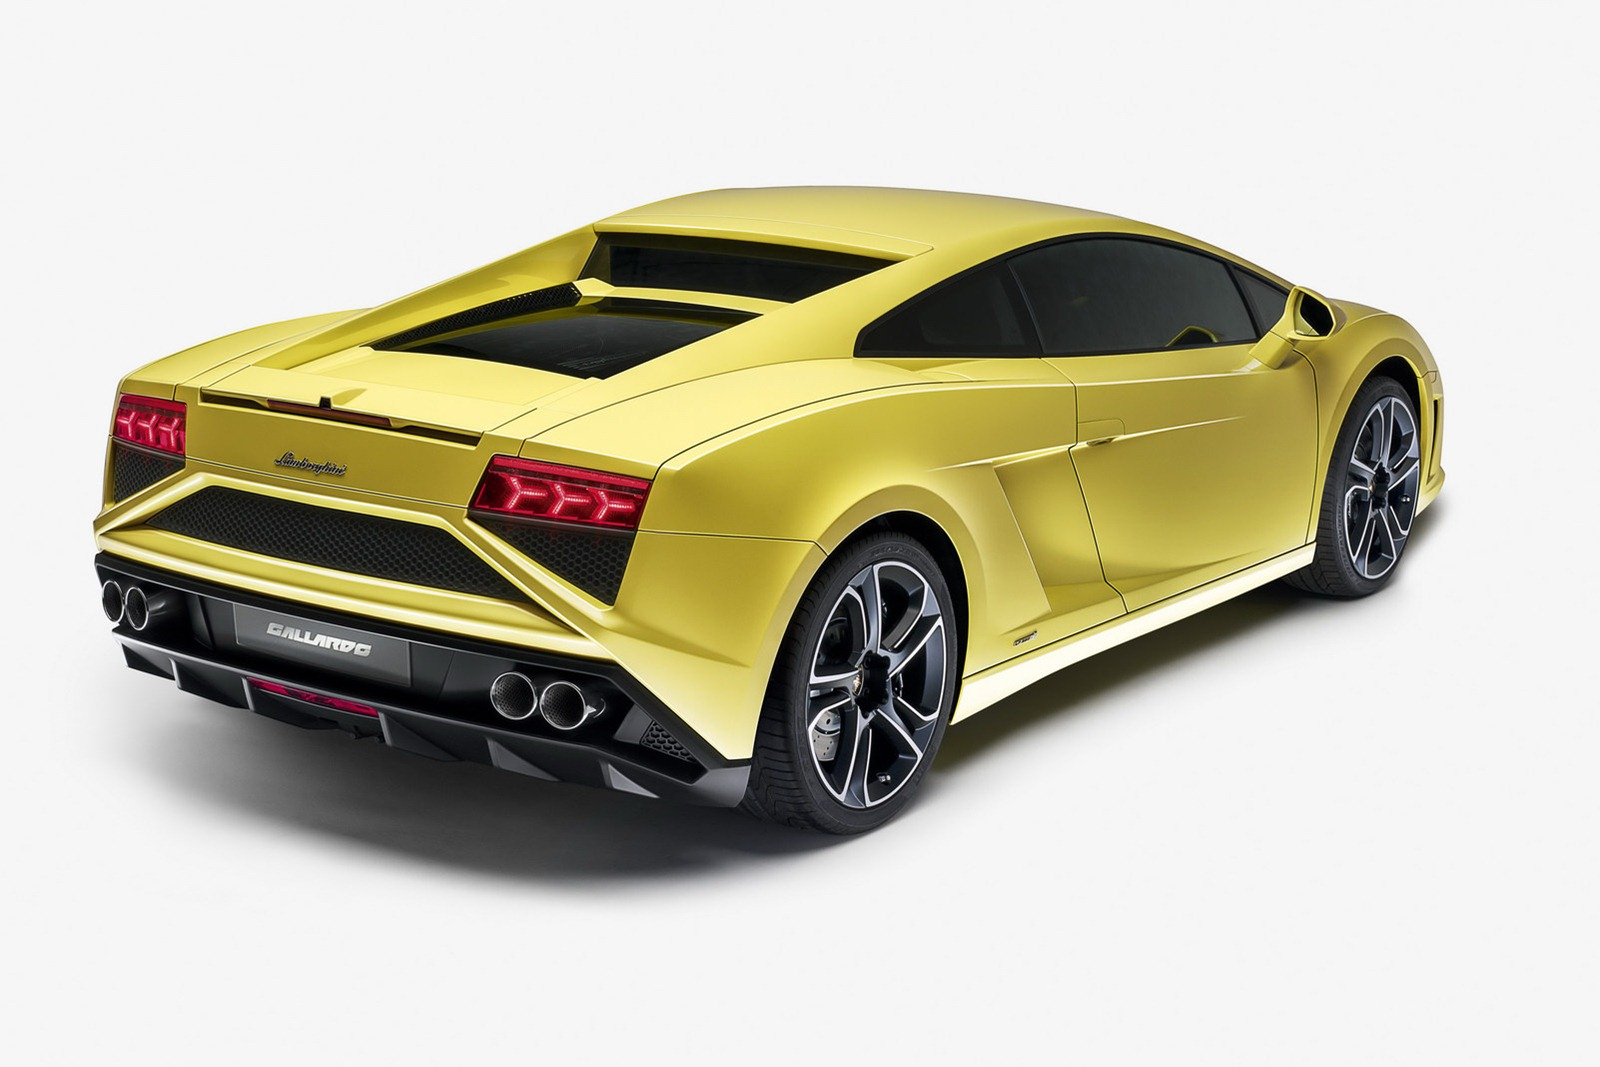 2013 Lamborghini Gallardo LP560-4 – Rear 3/4